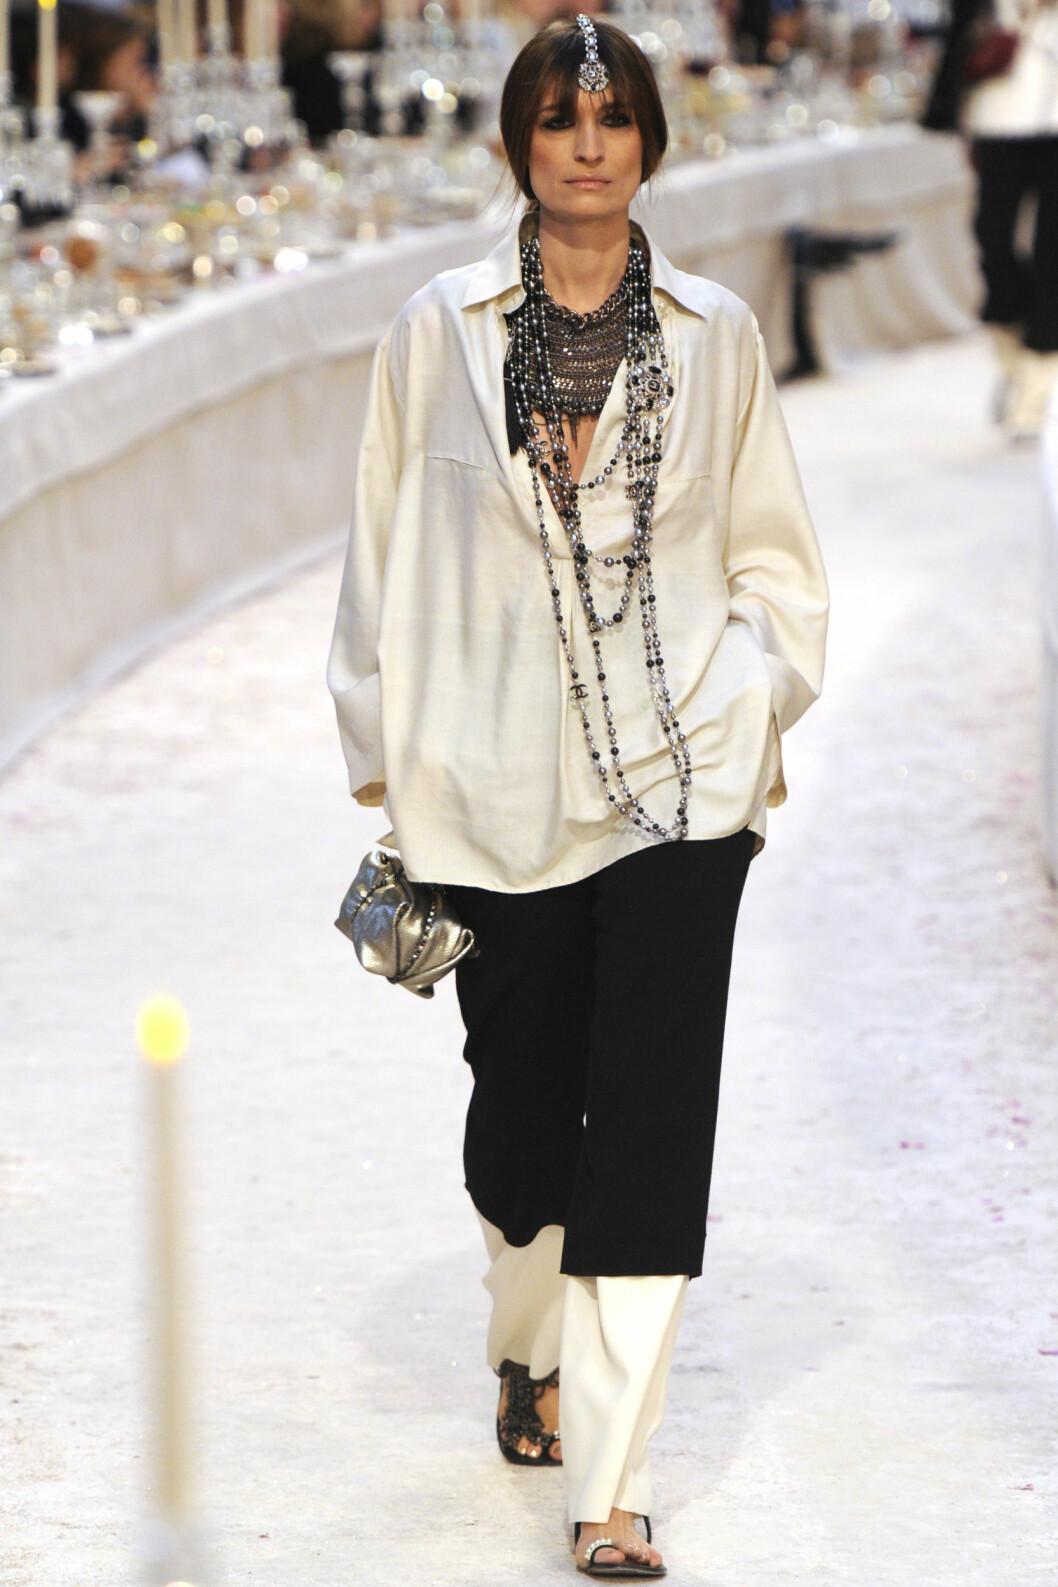 Caroline De Magrait ble tidlig en favoritt hos Chanel. Her er hun under visningen av høstkolleksjonen i 2012.  Foto: (c) Fairchild Photo Service/Condé Nast/Corbis/All Over Press